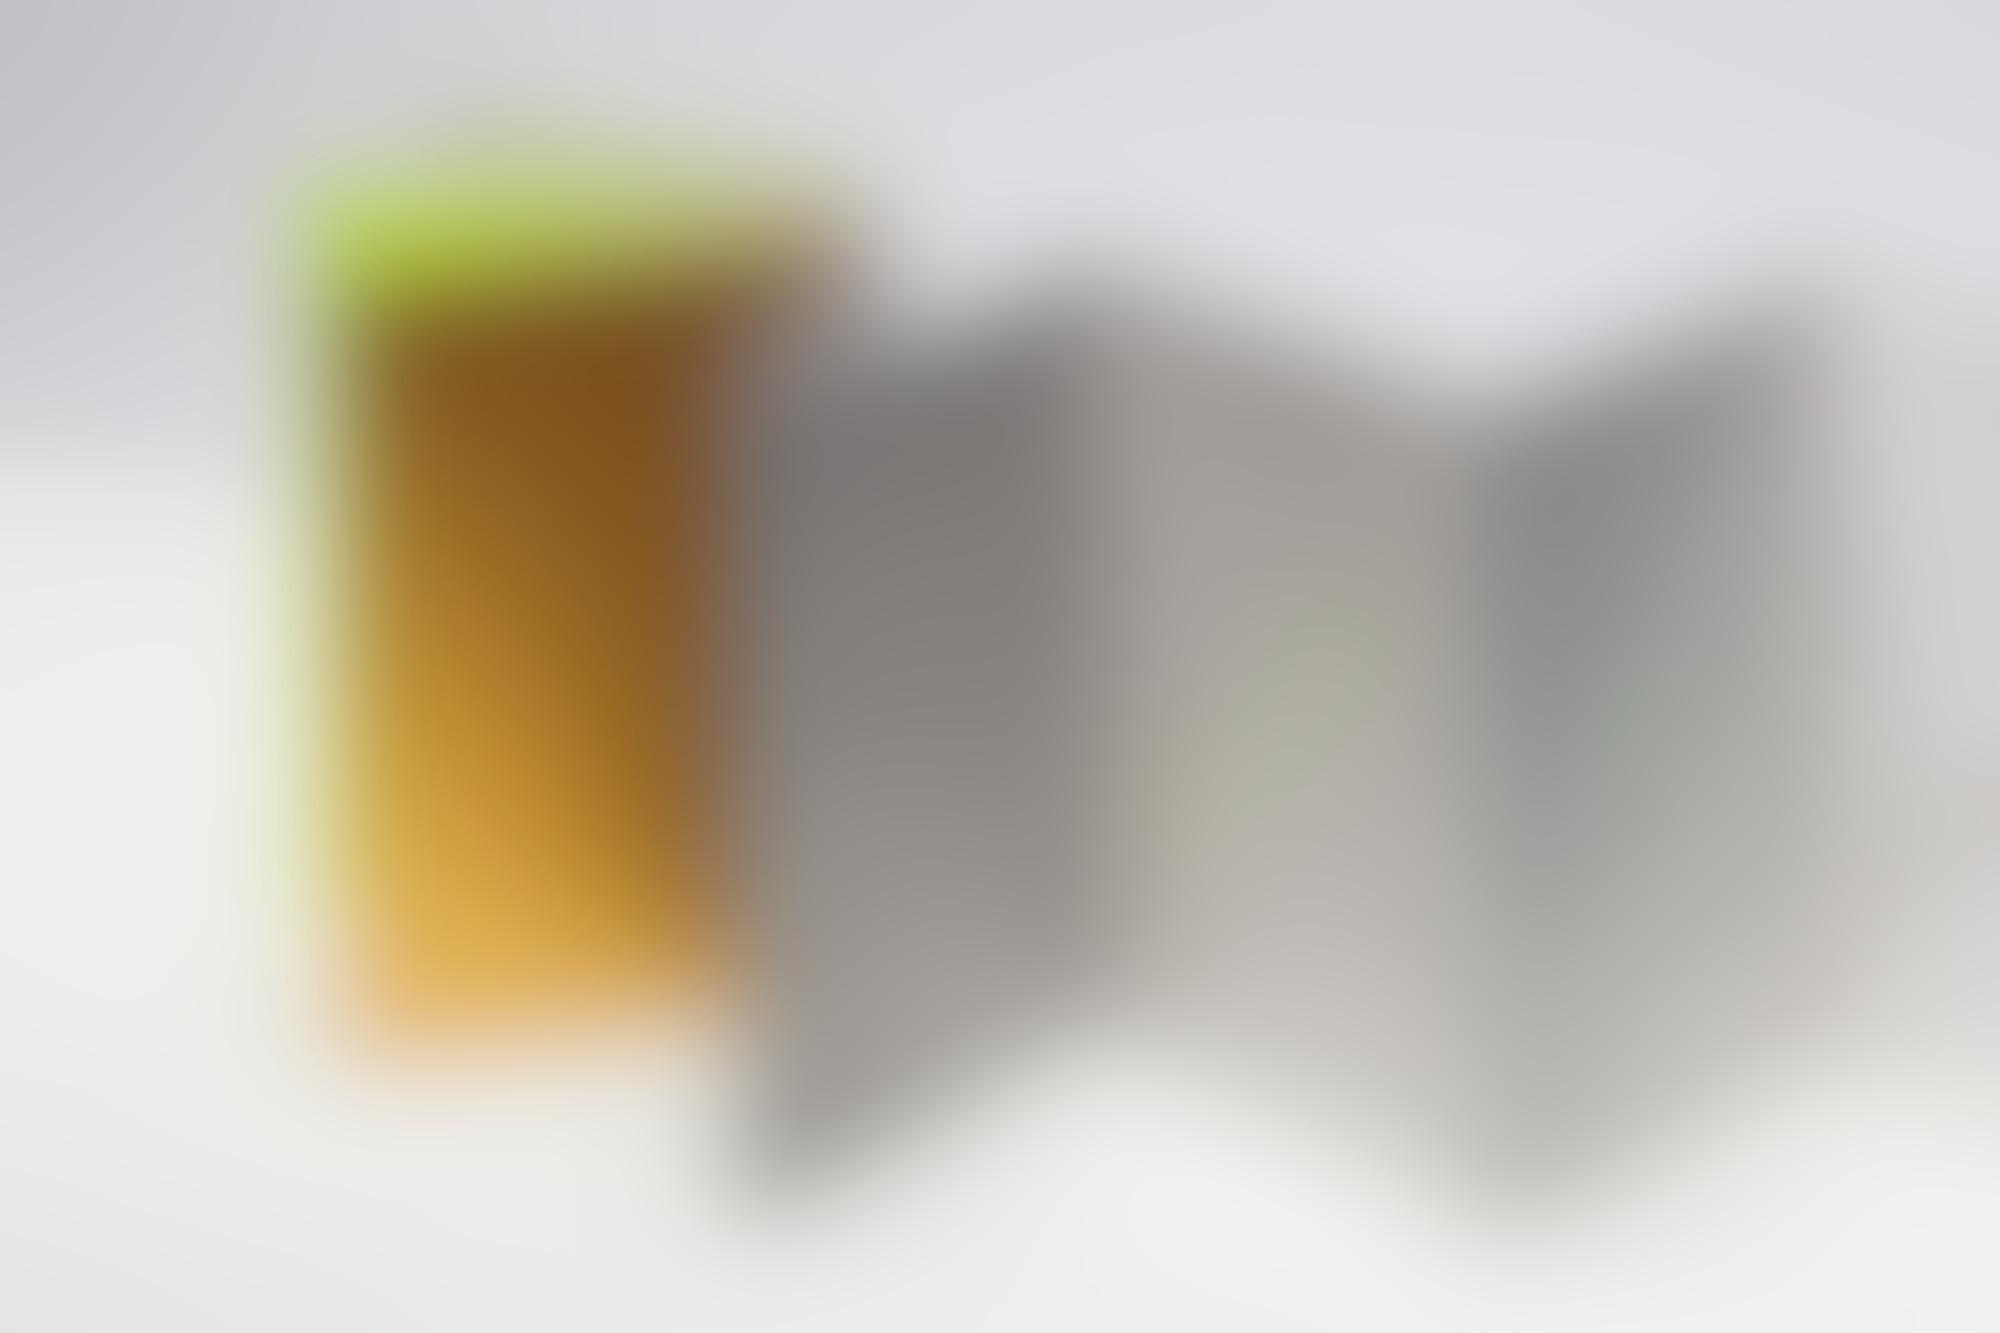 Creative Lives Gmund 02 autocompressfitresizeixlibphp 1 1 0max h2000max w3 D2000q80sbce2245a6d82ce8480cf6825626a37ce